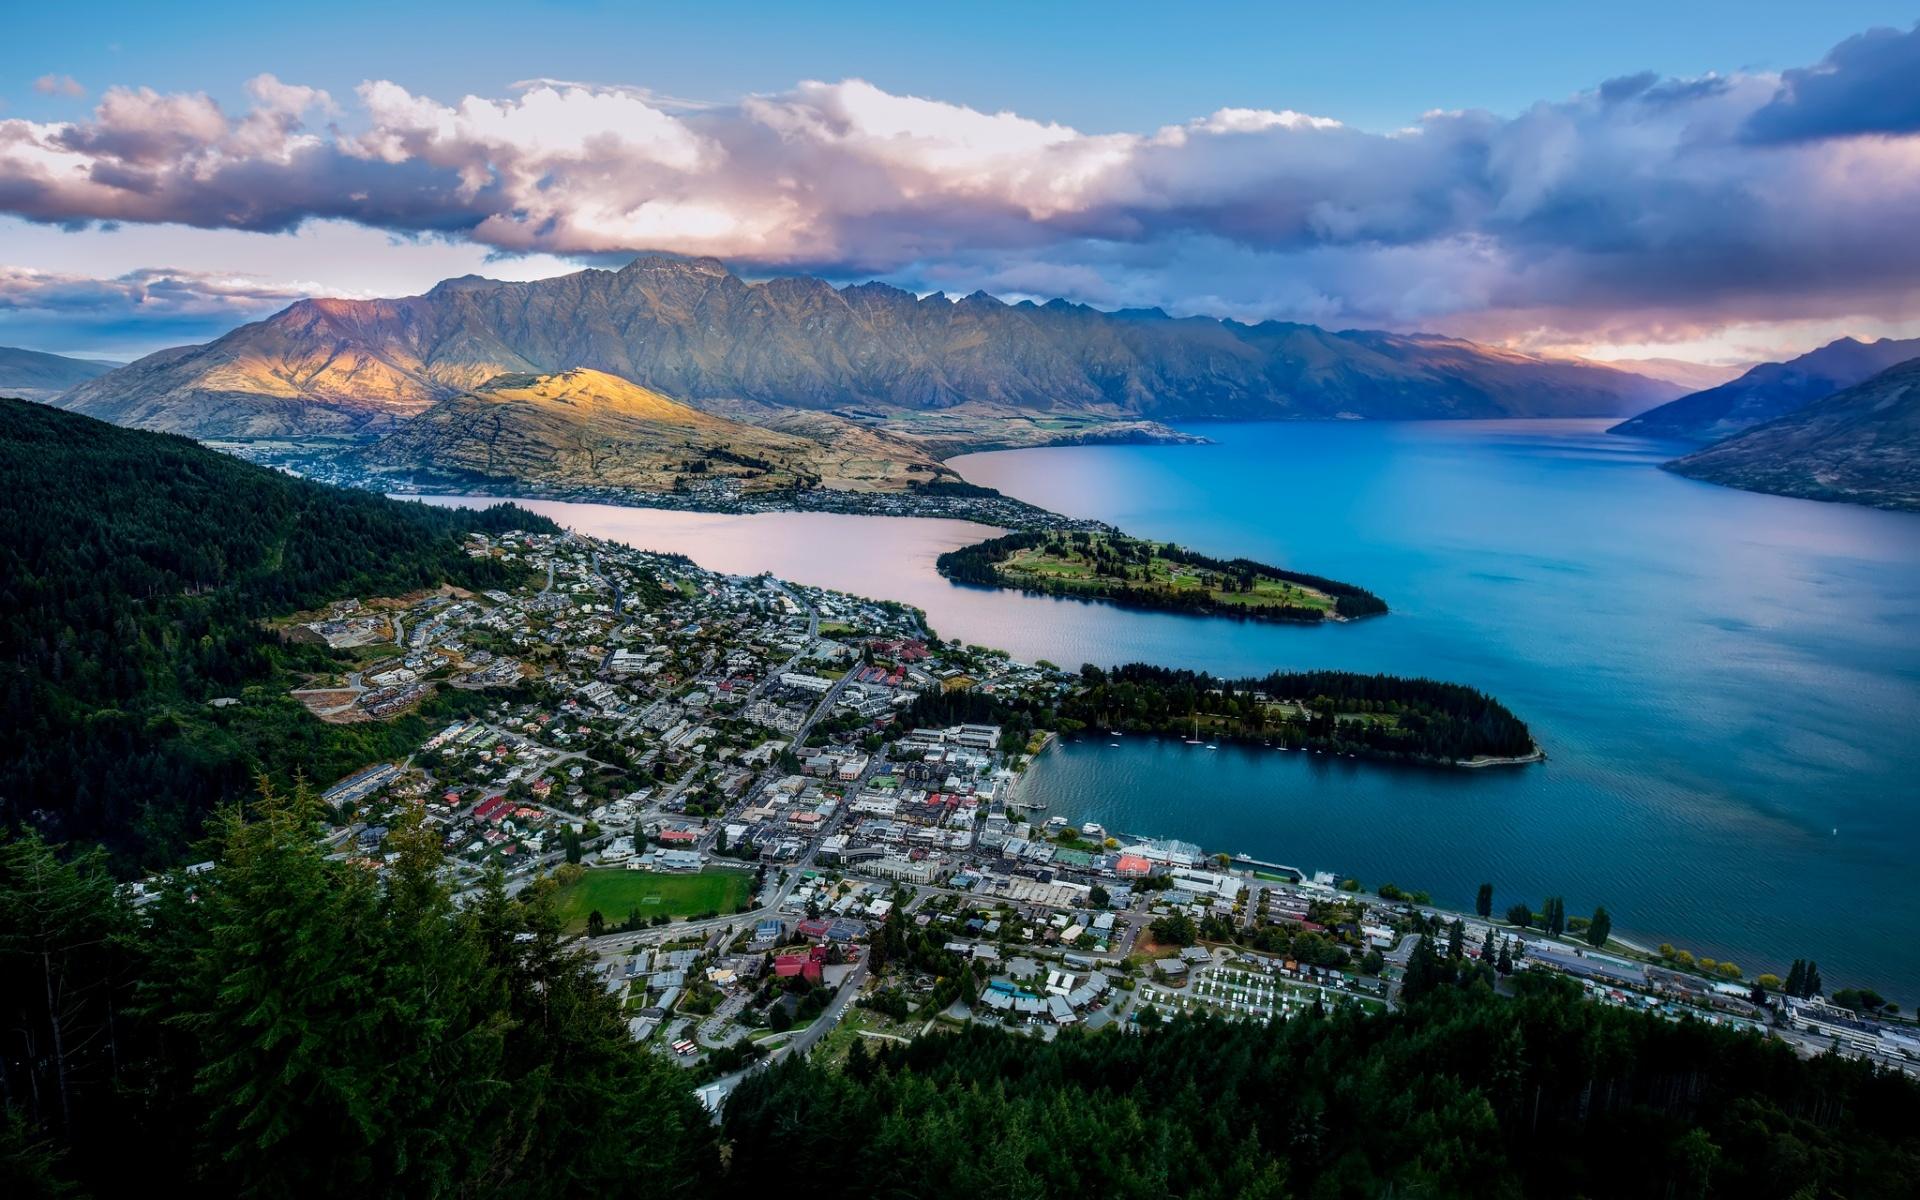 Уровень благосостояния, работа, цены и перспективы жизни в Новой Зеландии с точки зрения русских иммигрантов